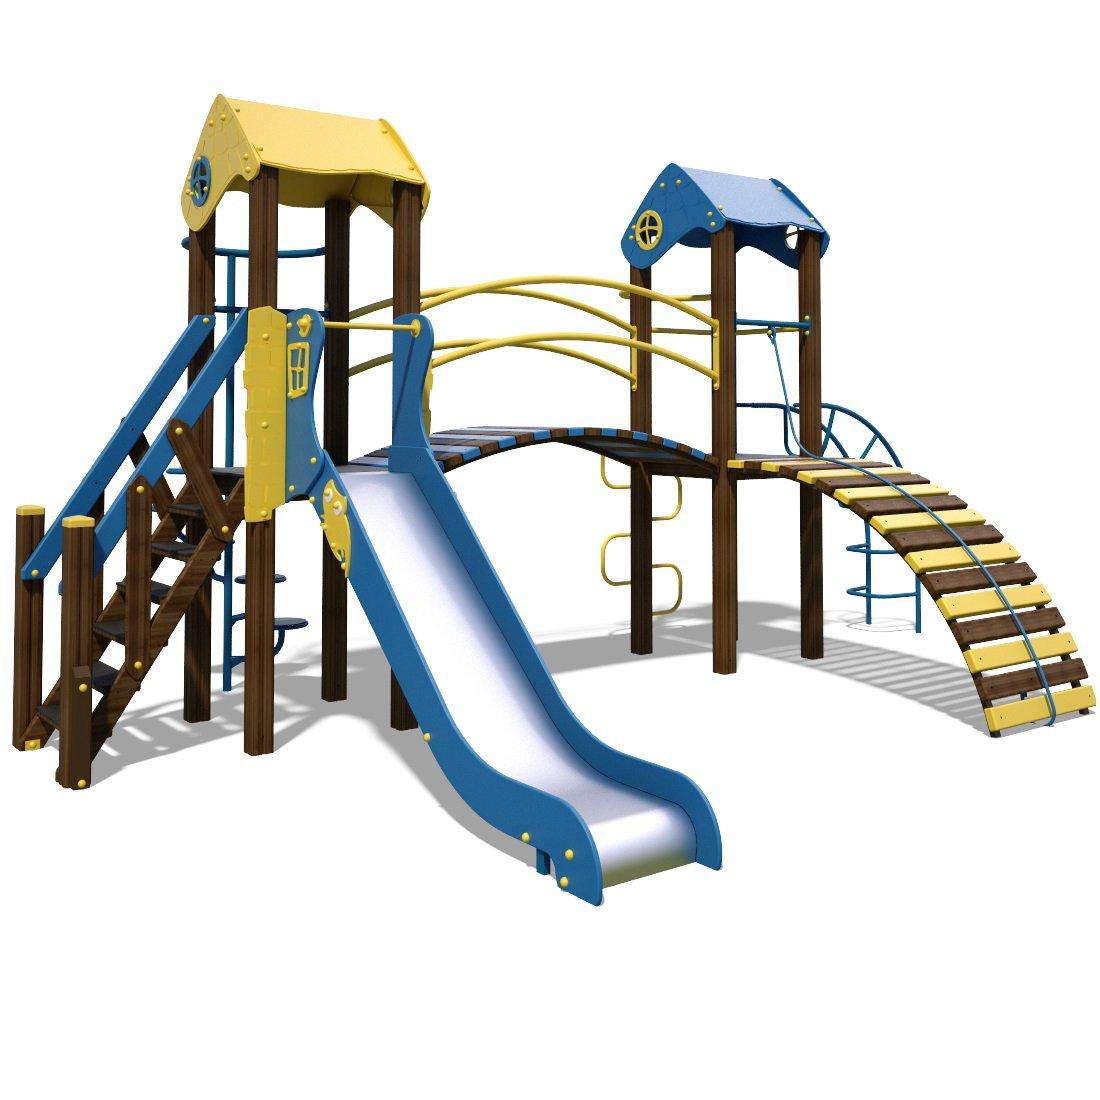 Ігрові майданчики для всіх вікових груп, рівней, здатностей та умов